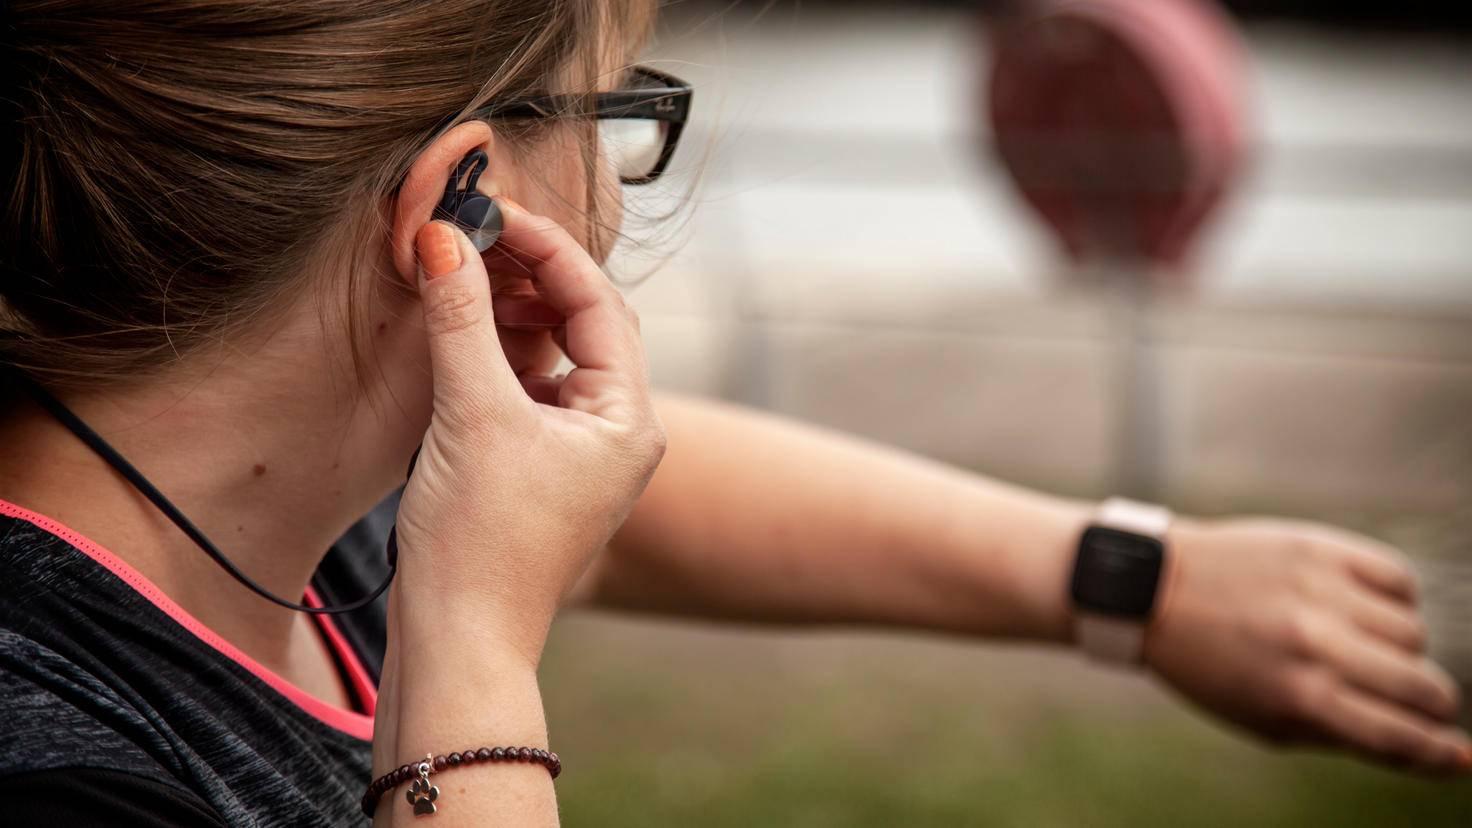 Wenn Du unterwegs Musik hörst, kannst Du über die Smartwatch die Tracks ändern.